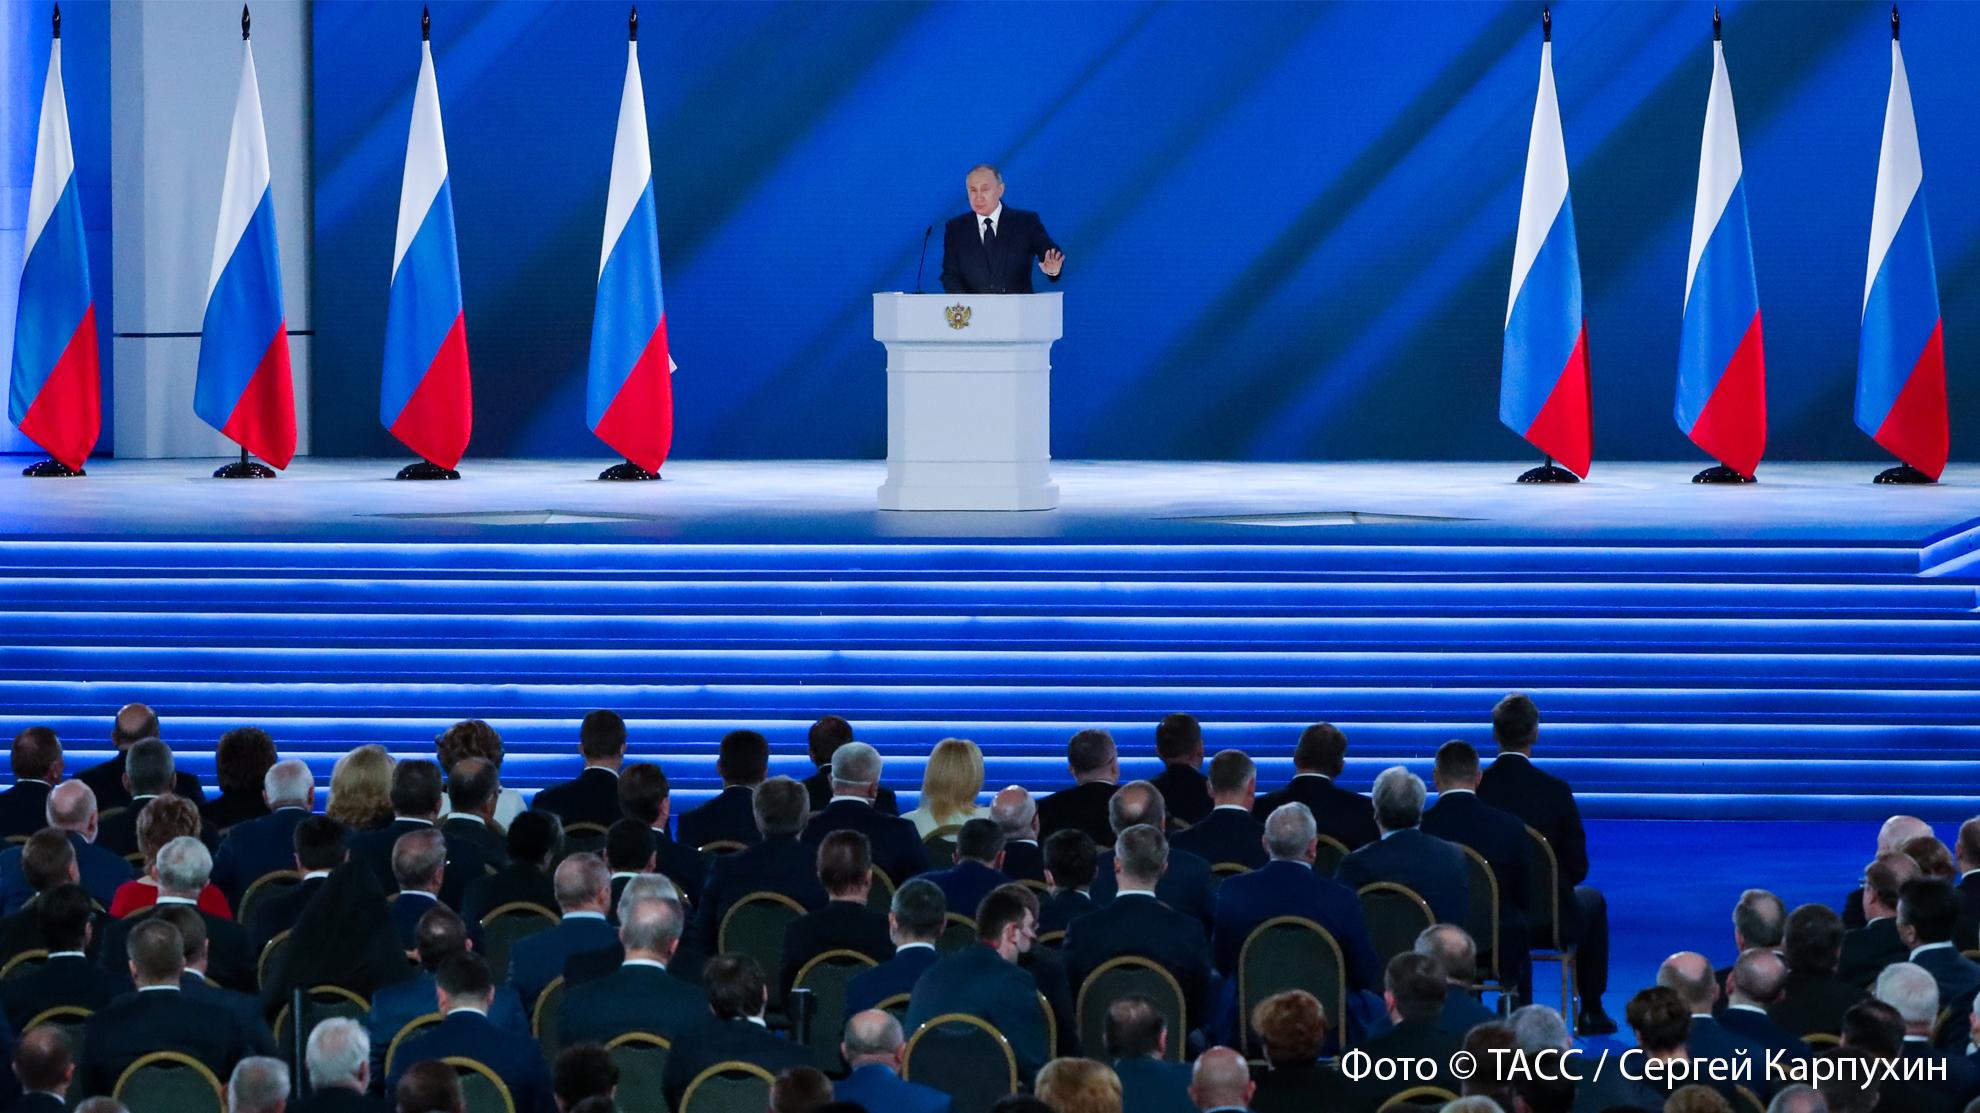 Мы сделаем всё для достижения поставленных целей: Главное из послания Путина